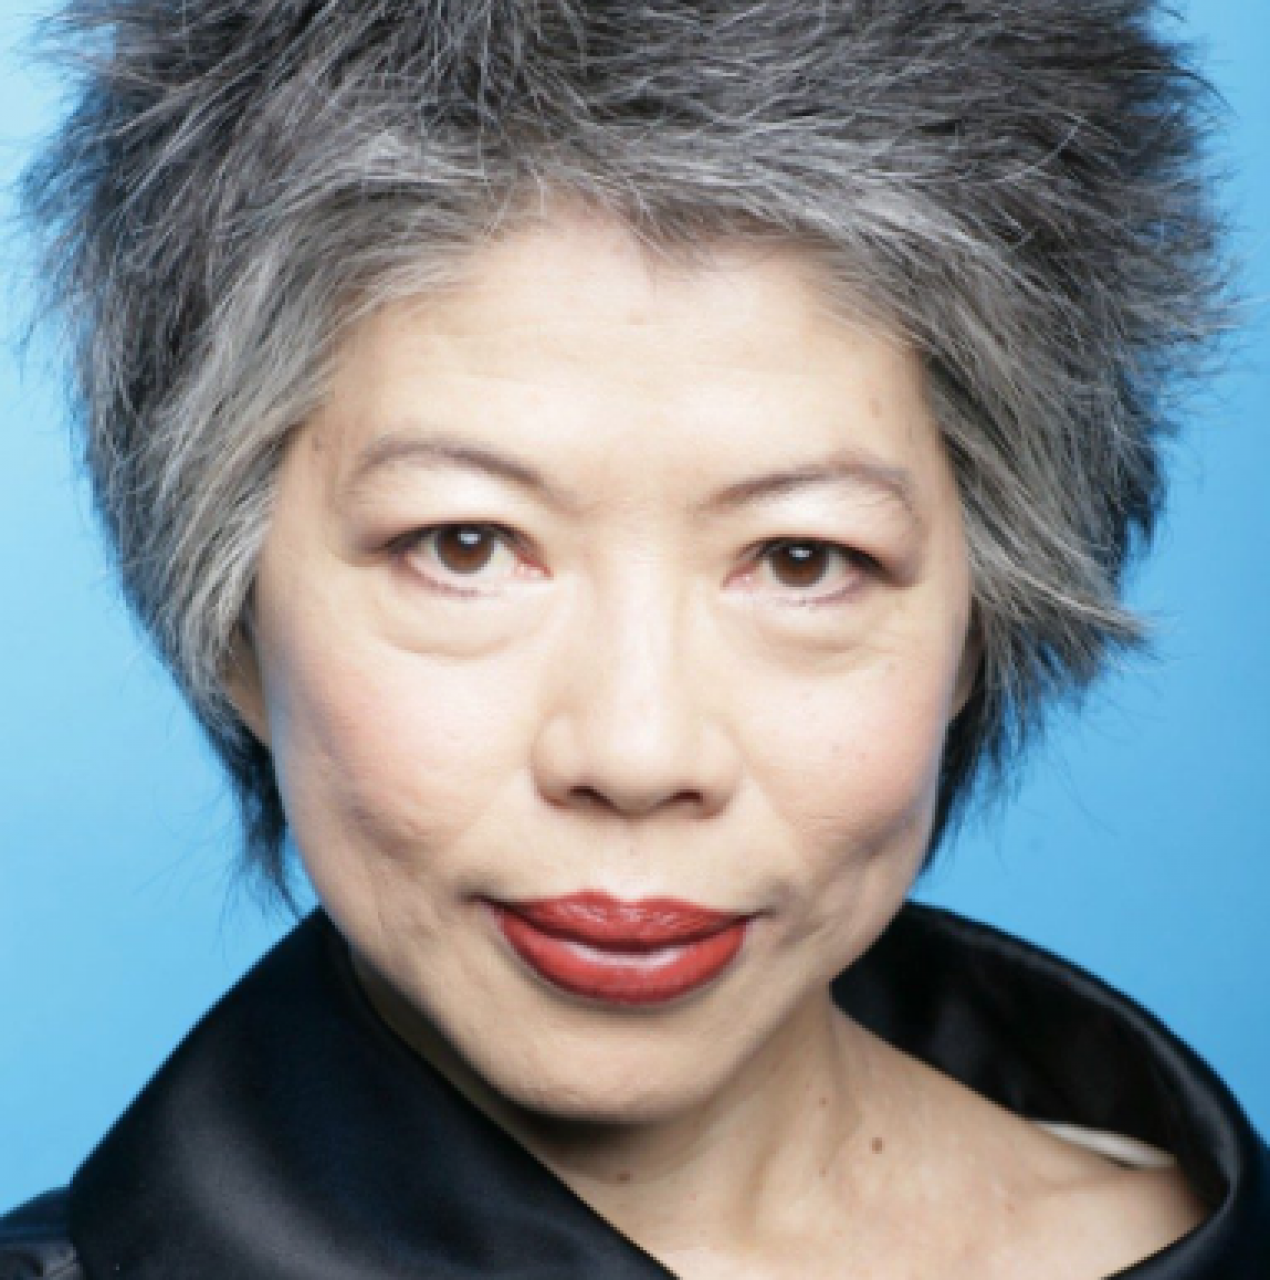 Lee Lin Chin